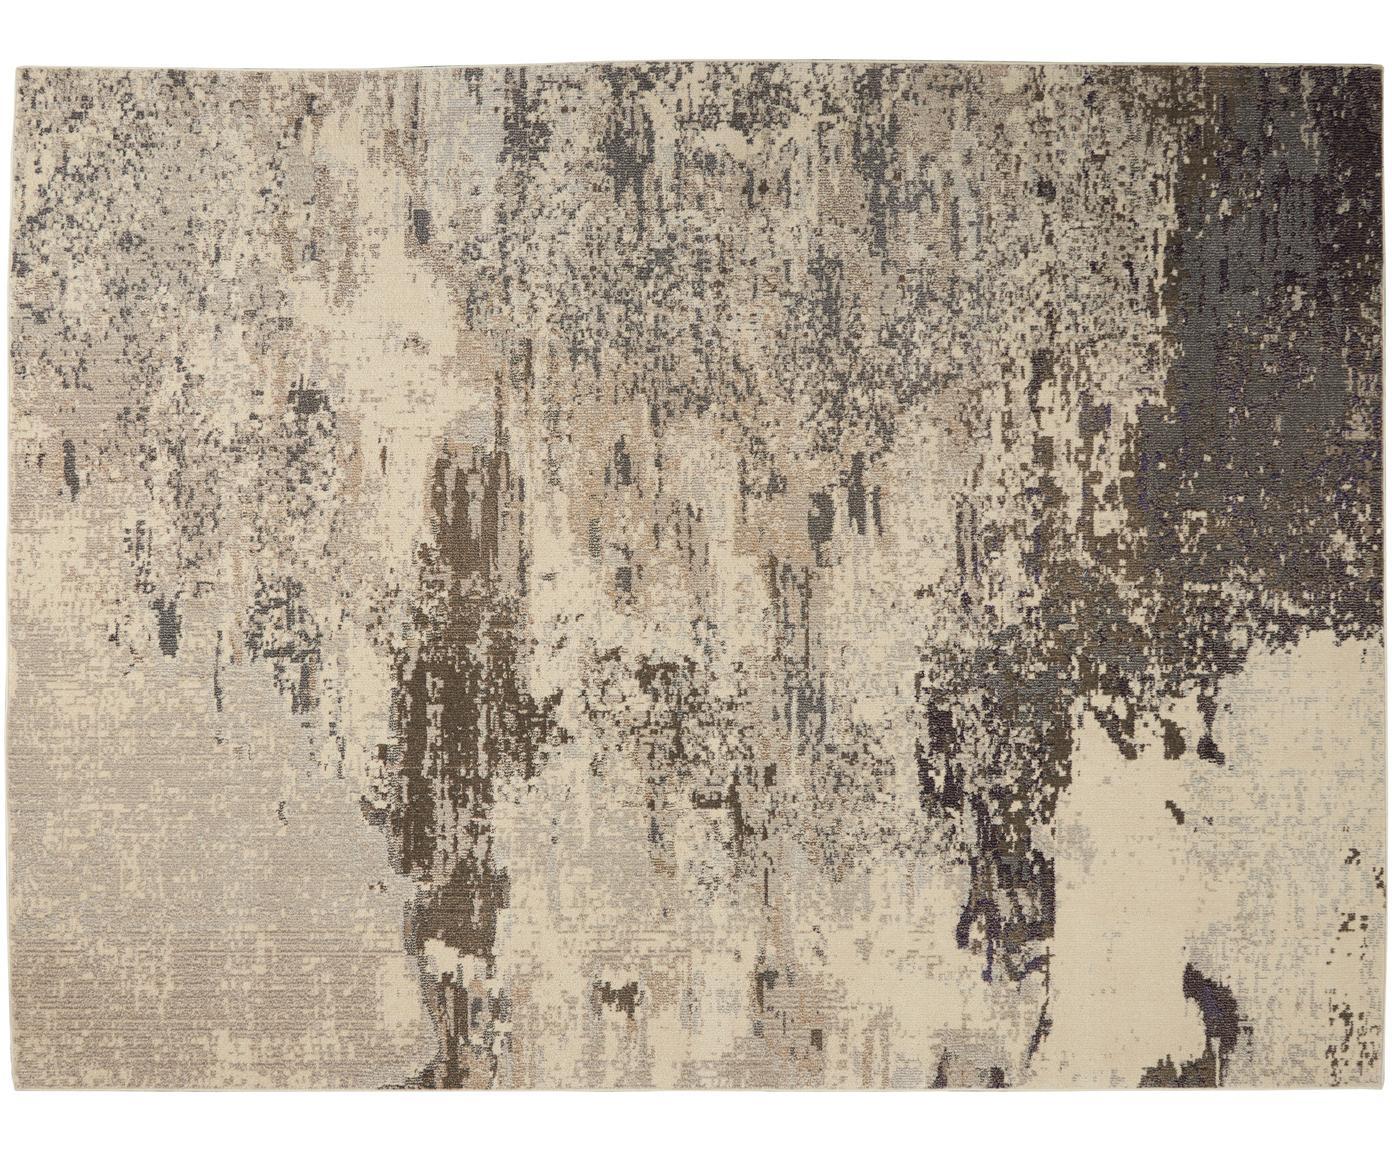 Designteppich Celestial in Beige, Flor: 100% Polypropylen, Beigetöne, B 120 x L 180 cm (Größe S)